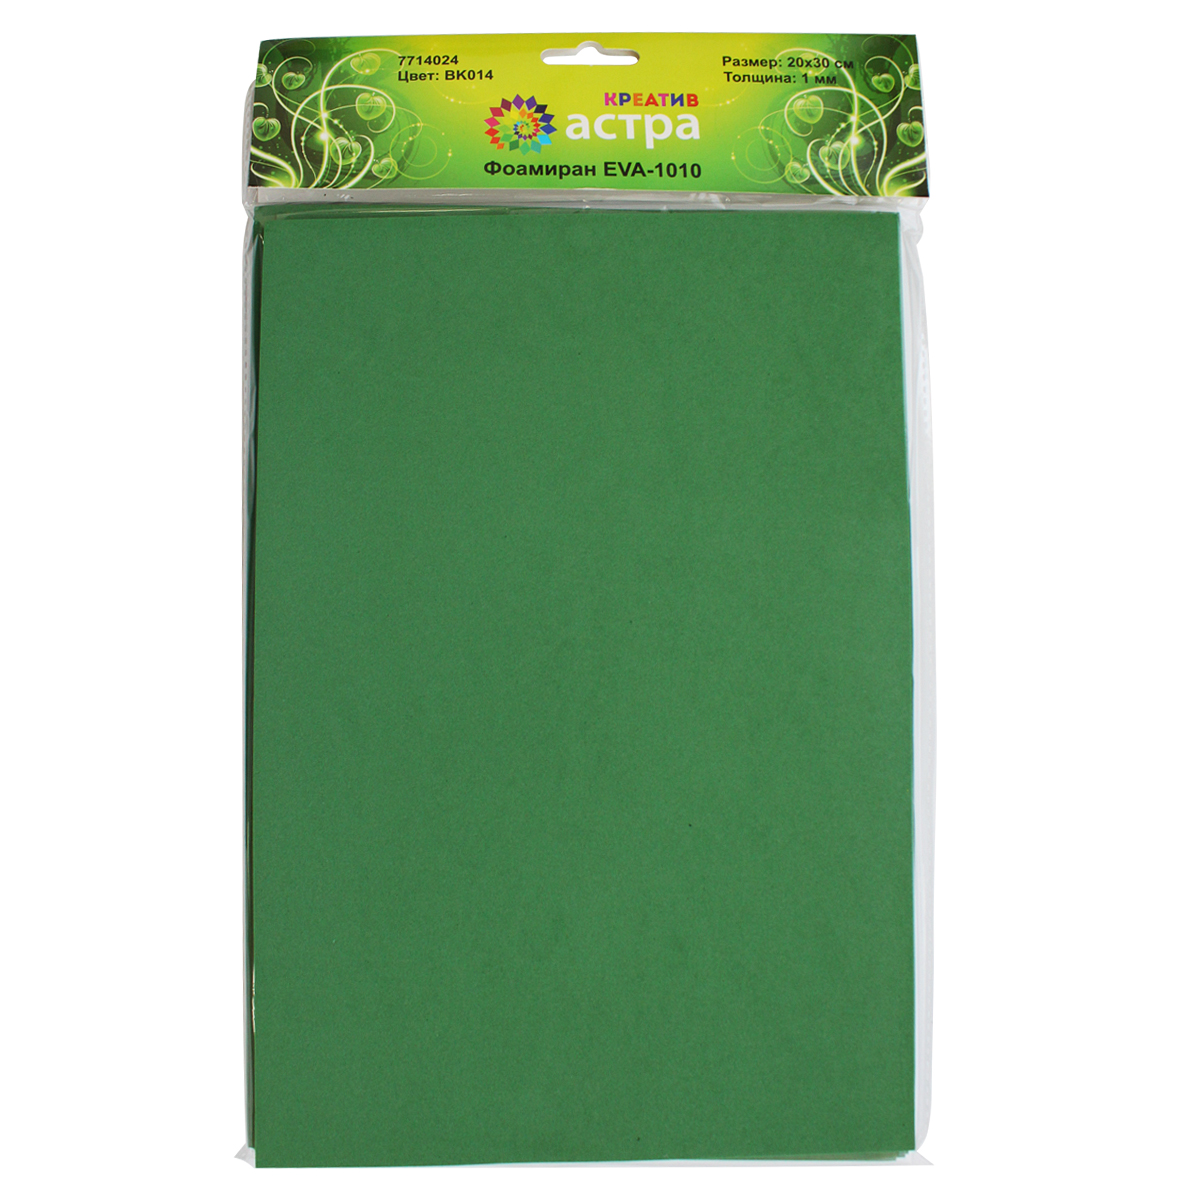 Фоамиран Астра, цвет: темно-зеленый, 20 х 30 см, 10 шт09840-20.000.00Фоамиран Астра - это пластичная замша, ее можно применить для создания разнообразного вида декора: открытки, магнитики, цветы, забавные игрушки и т.д. Главная особенность материала фоамиран заключается в его способности к незначительному растяжению, которого вполне достаточно для «запоминания» изделием своей формы.На ощупь мягкая синтетическая замша очень приятна и податлива, поэтому работать с ней не составит труда даже начинающему.Размер ткани: 200 x 300 мм. В упаковке 10 штук.